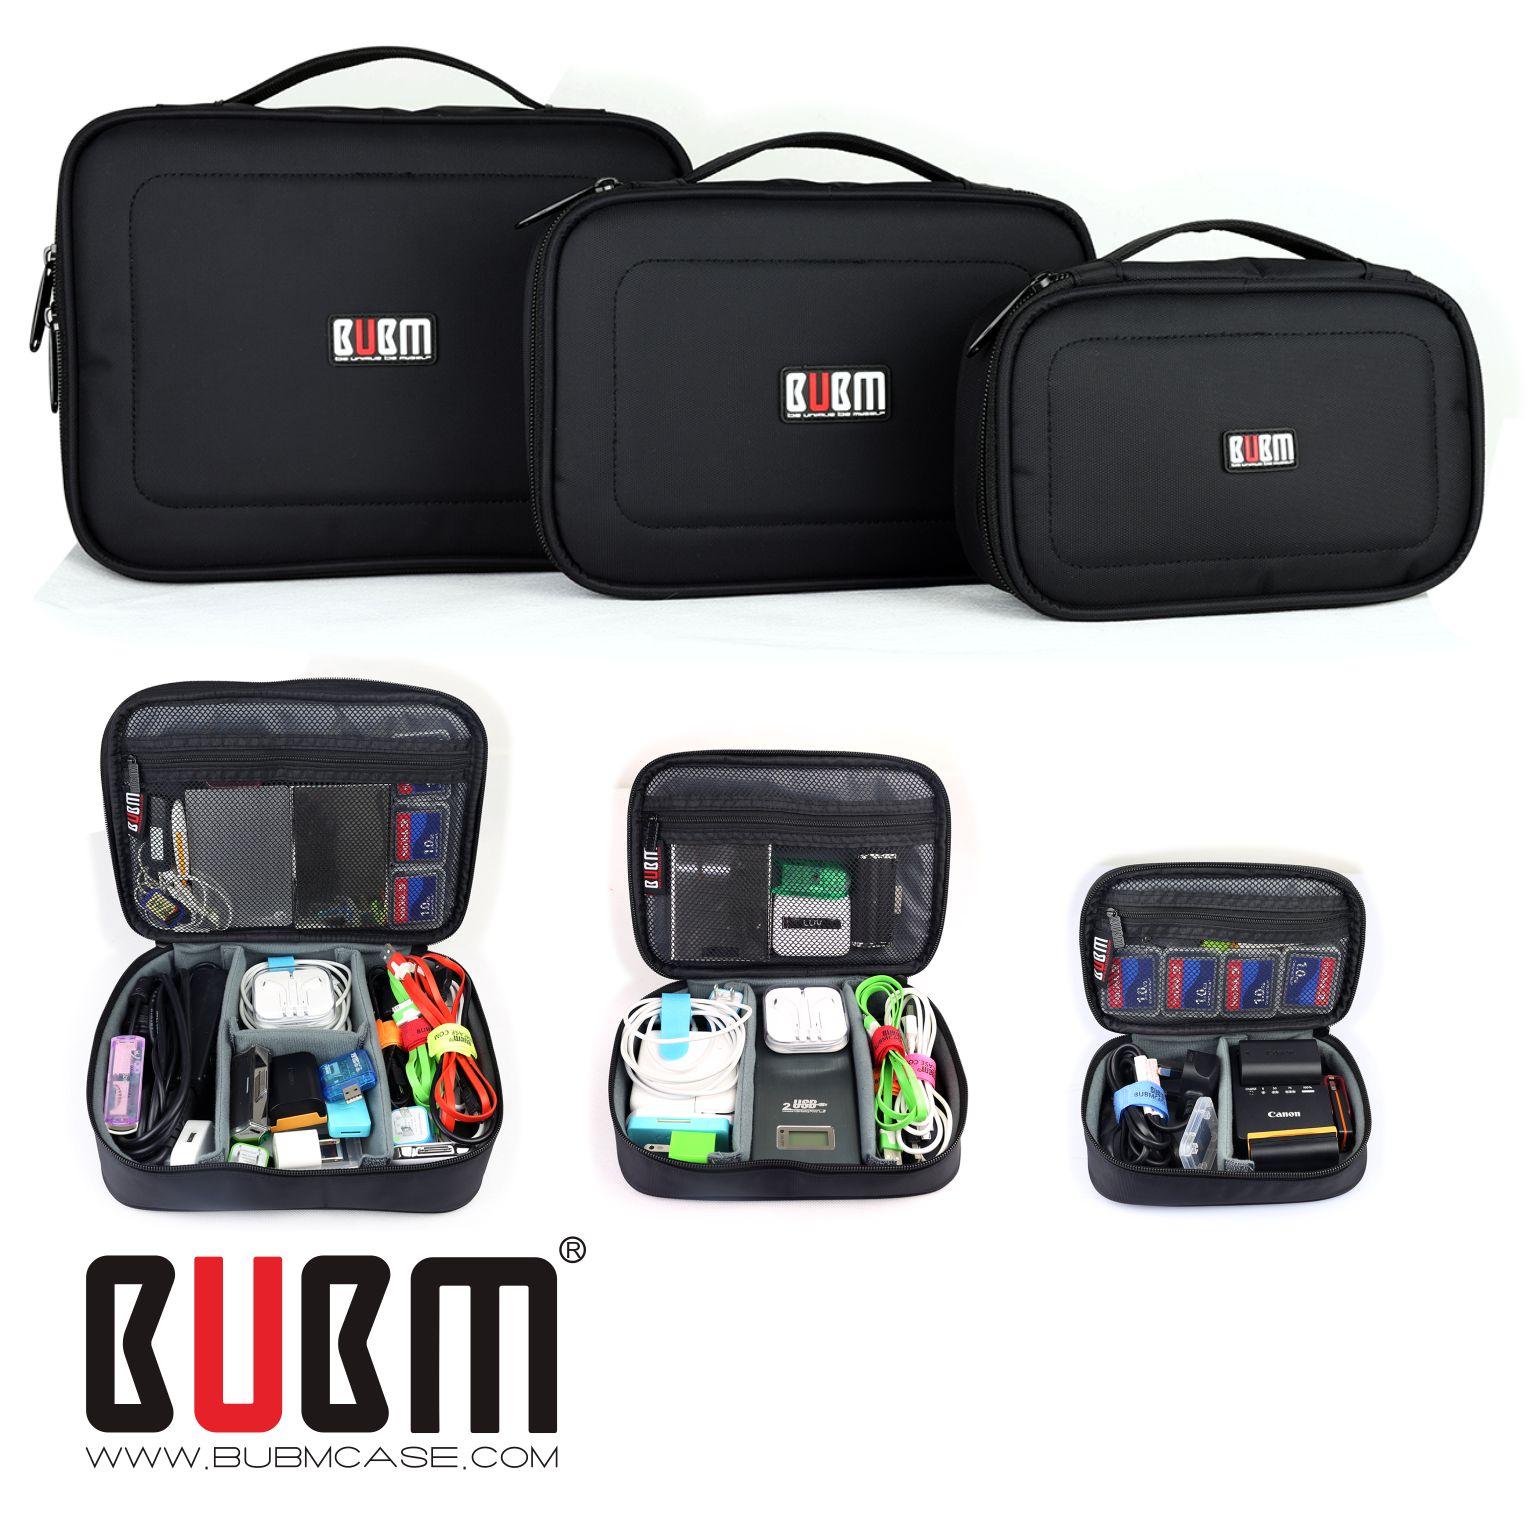 BUBM多功能收纳包套装数码配件包移动硬盘盒充电器U盘配件整理袋耳机盒手机大容量旅行小包便携电子产品收纳